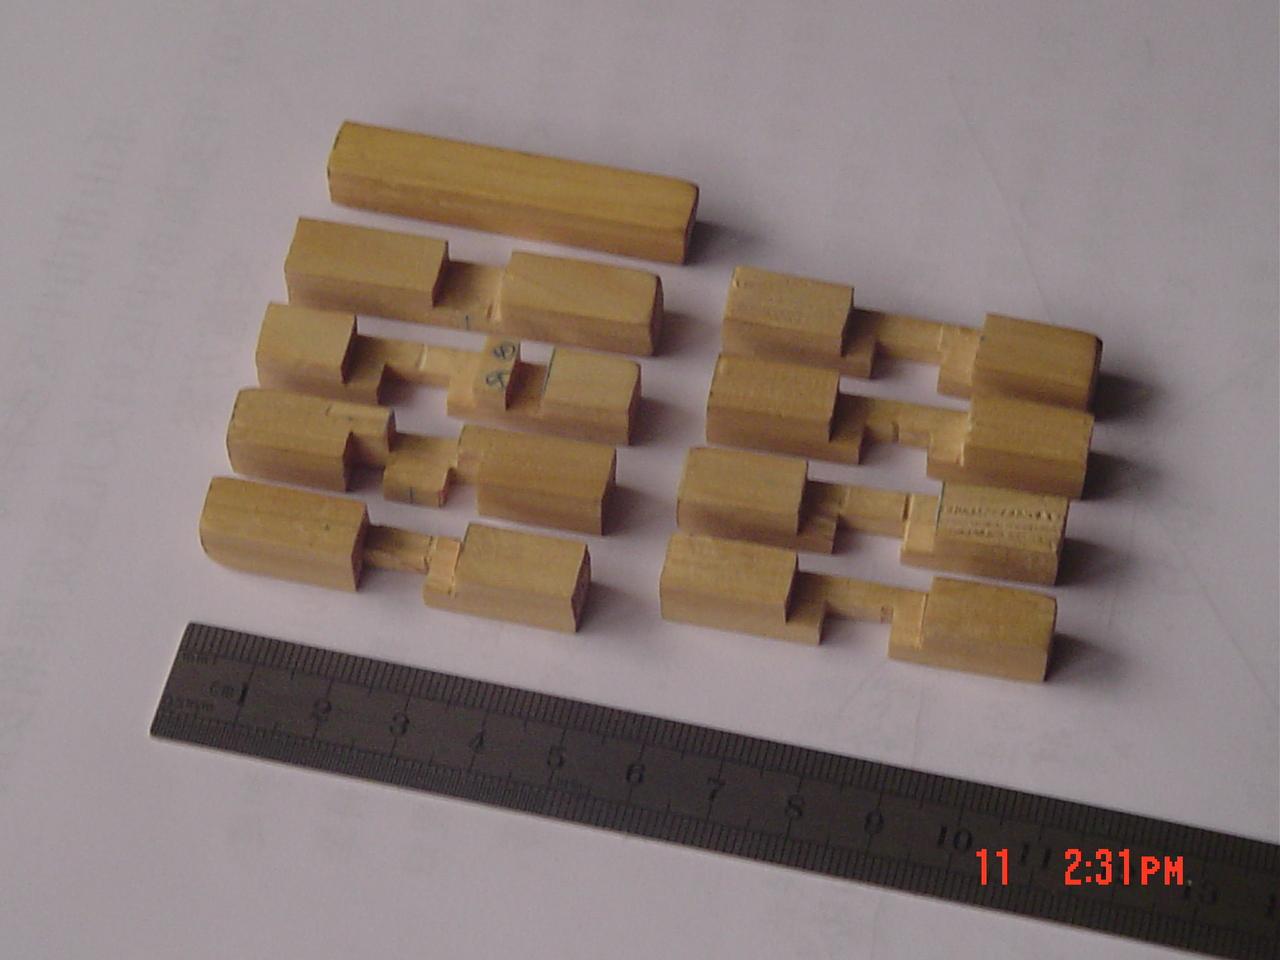 【原创】能拼七种外形的九柱鲁班锁(对第三代孔明锁的重大改进)